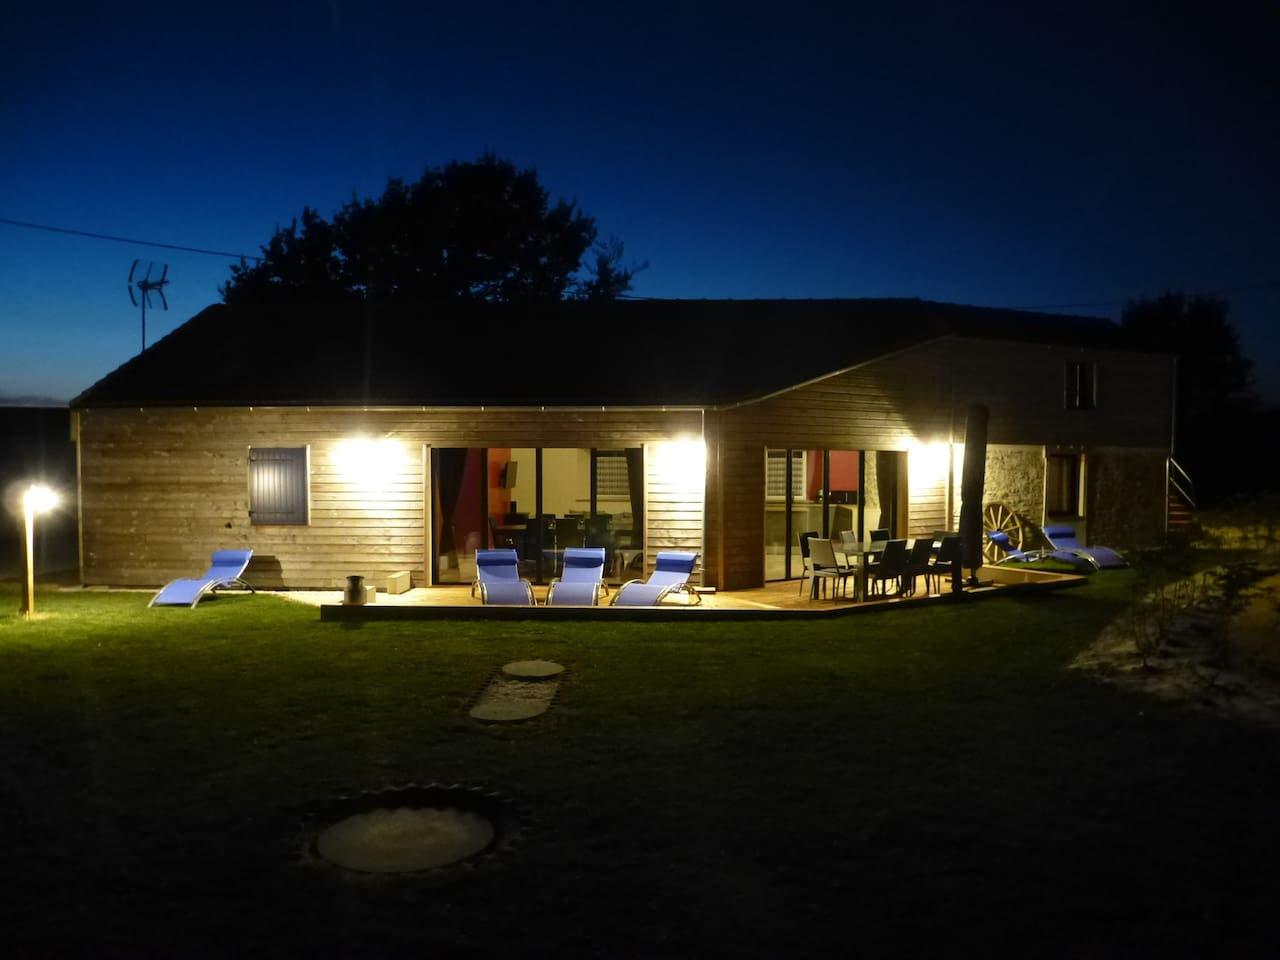 Jardin et terrasse de nuit